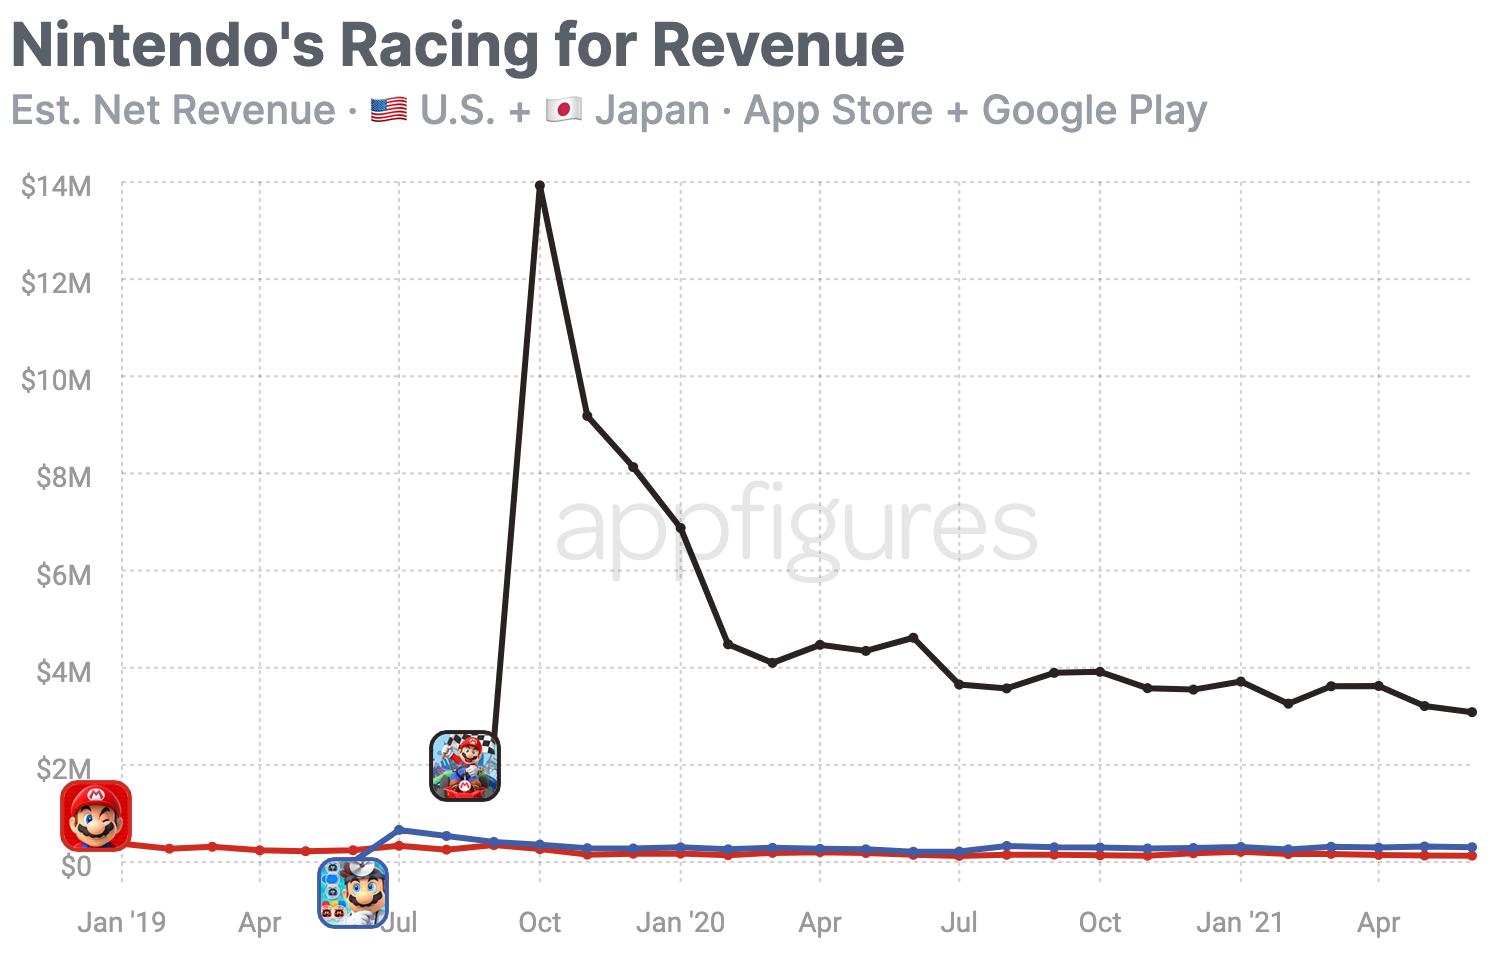 Revenue of Nintendo's latest Mario games